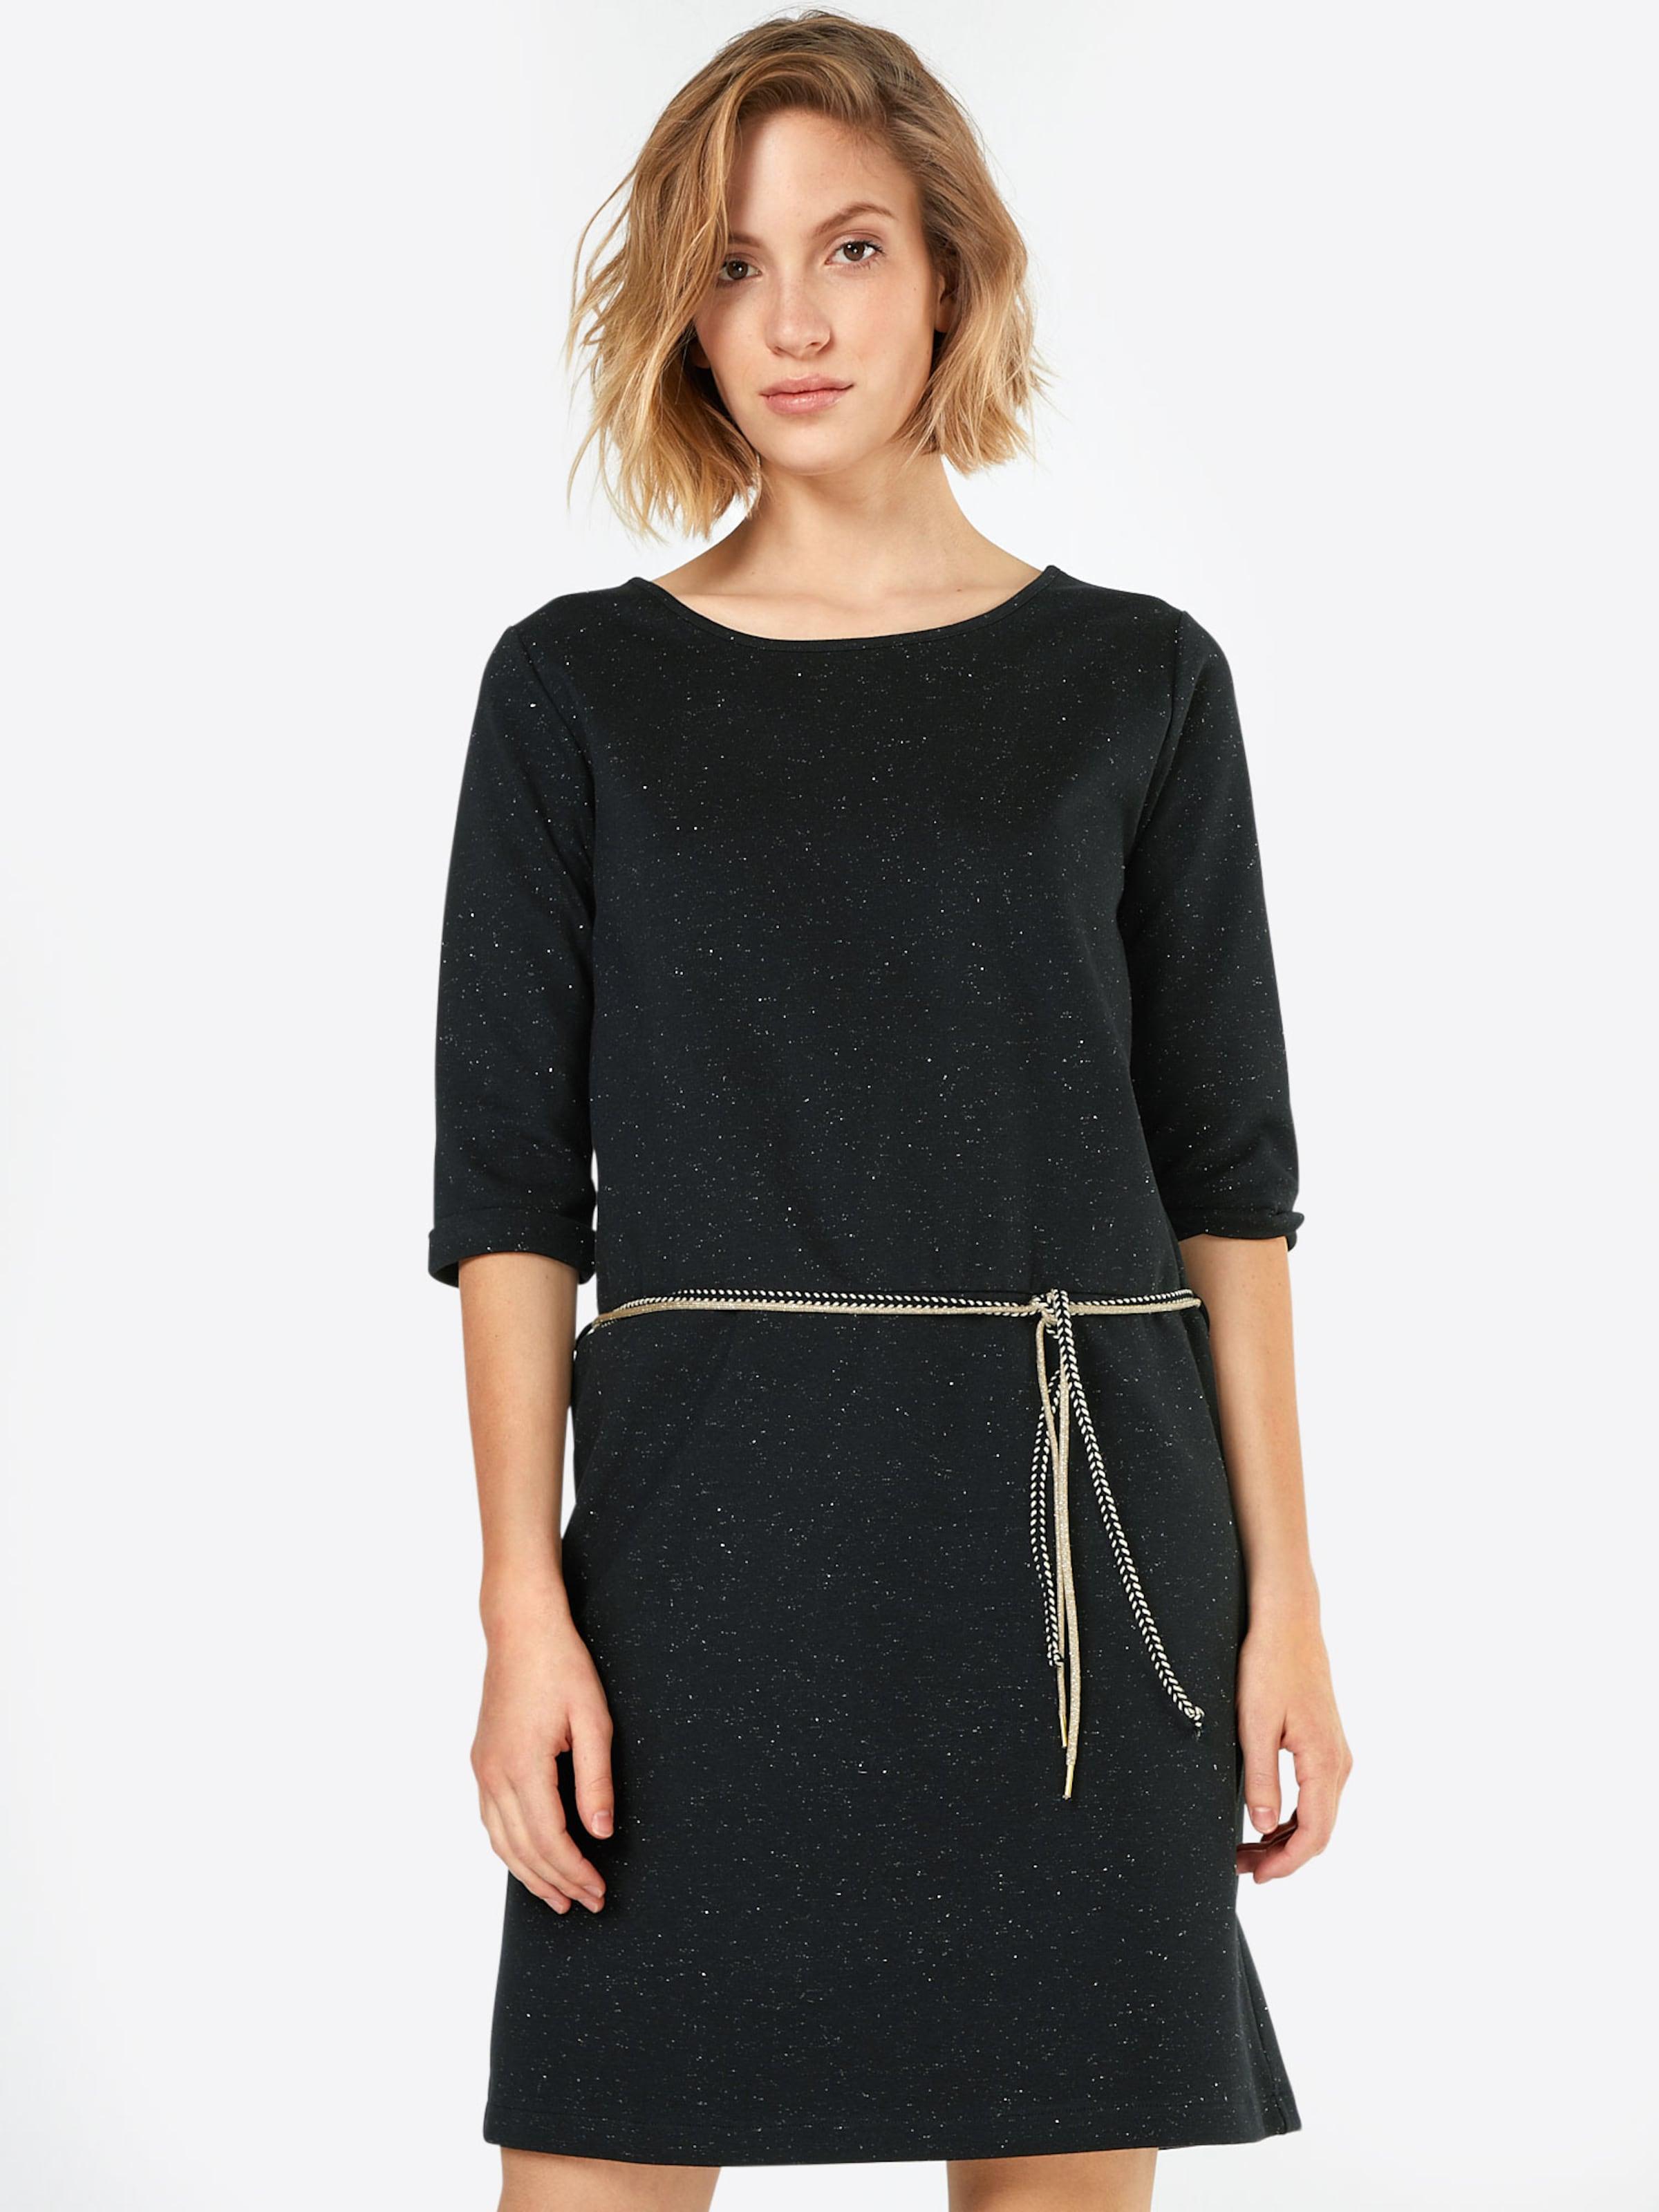 Rabatt 2018 Neueste sessun Kleid 'TEMUCO' Neuesten Kollektionen Verkauf Online Günstig Kaufen Ebay Billige Websites KyWO6HJcEU